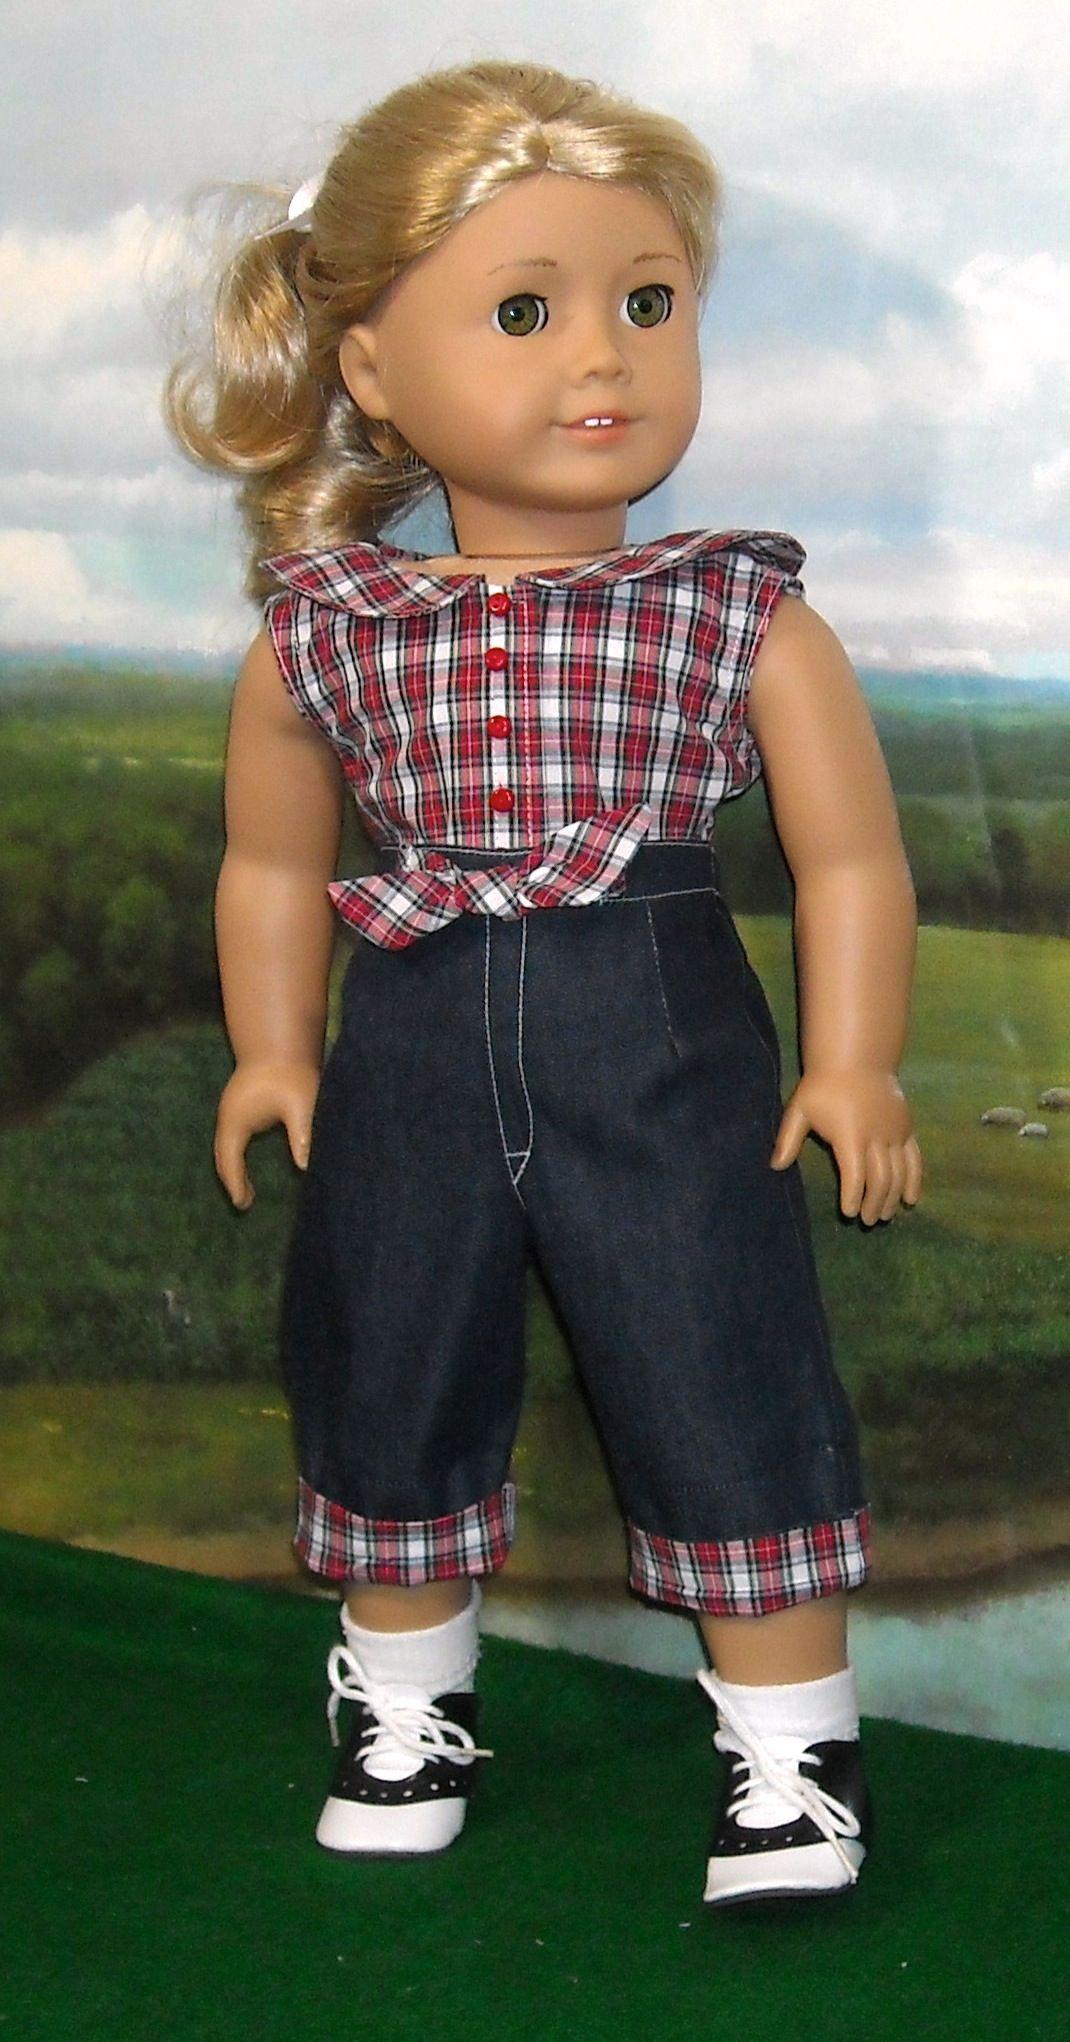 Pin von Kathleen Keroack auf sugarloaf Doll Clothes | Pinterest ...